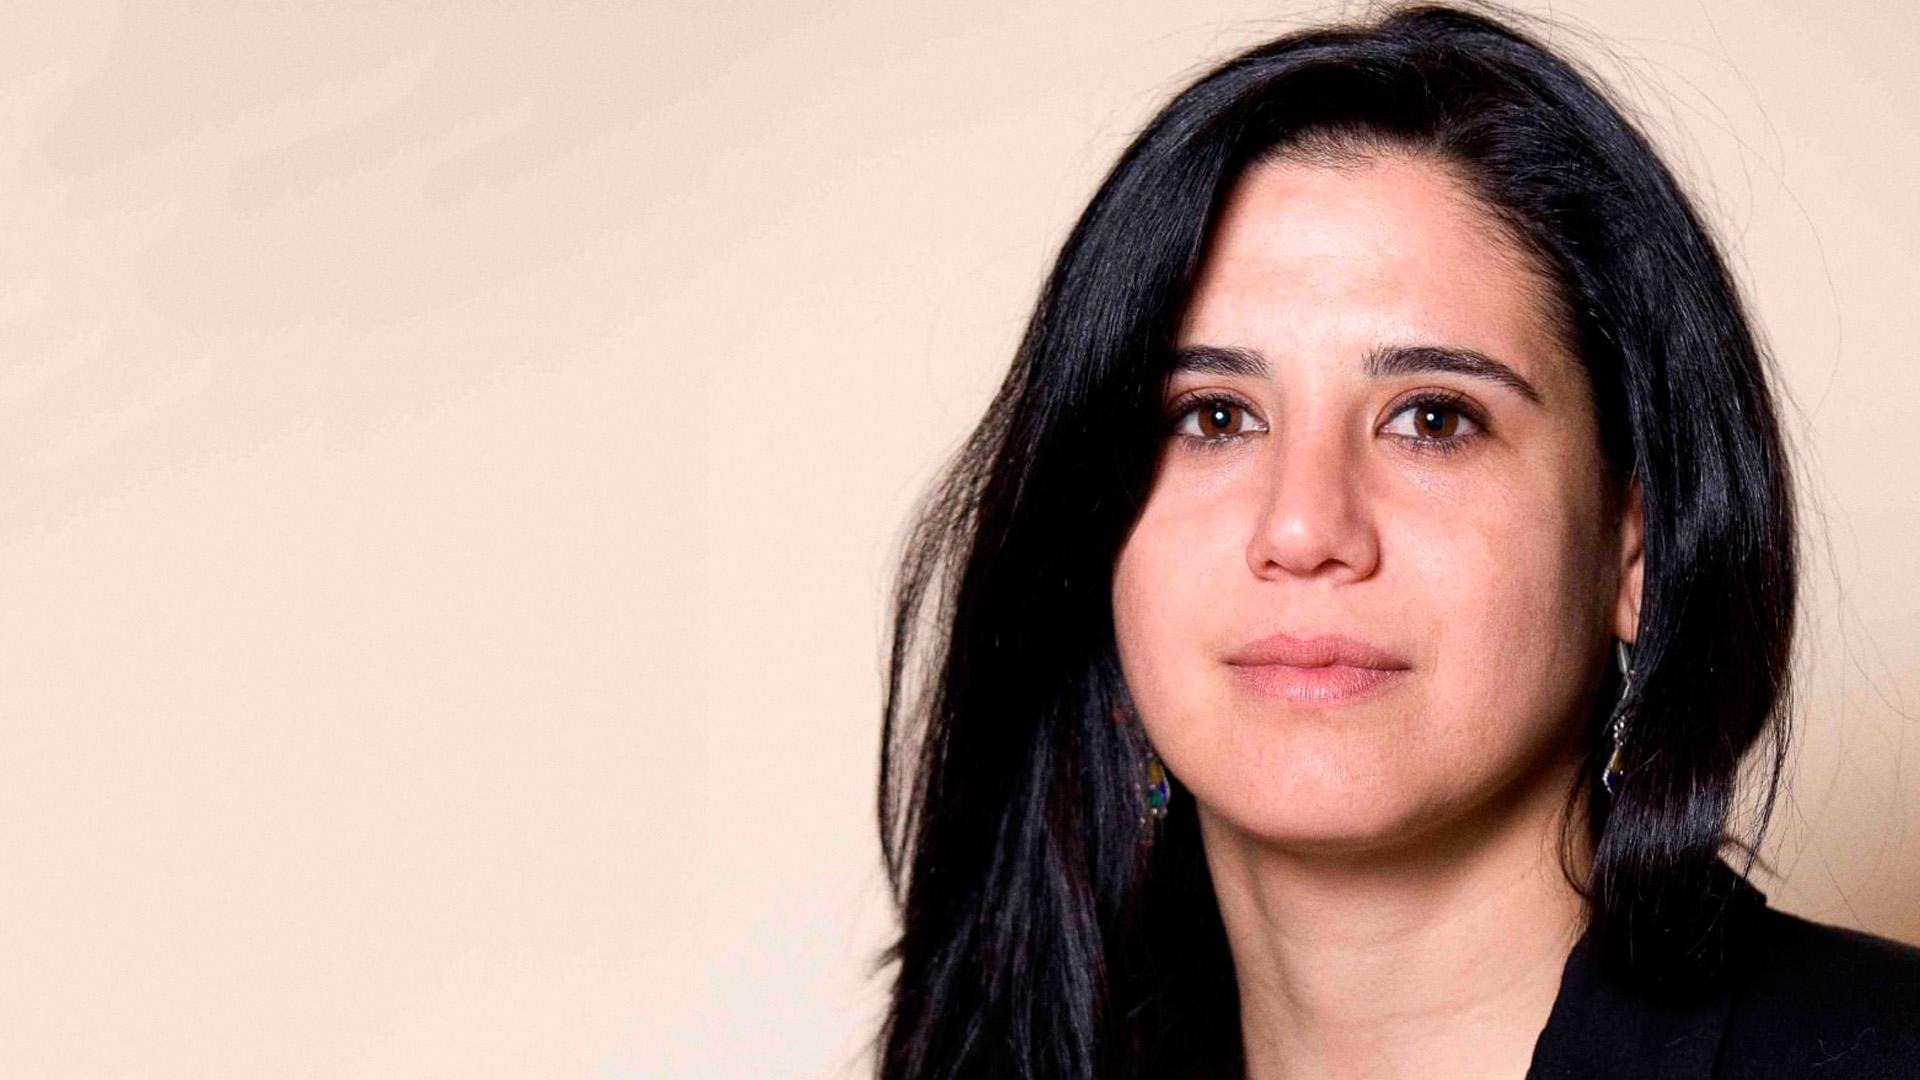 Natalia Sancha